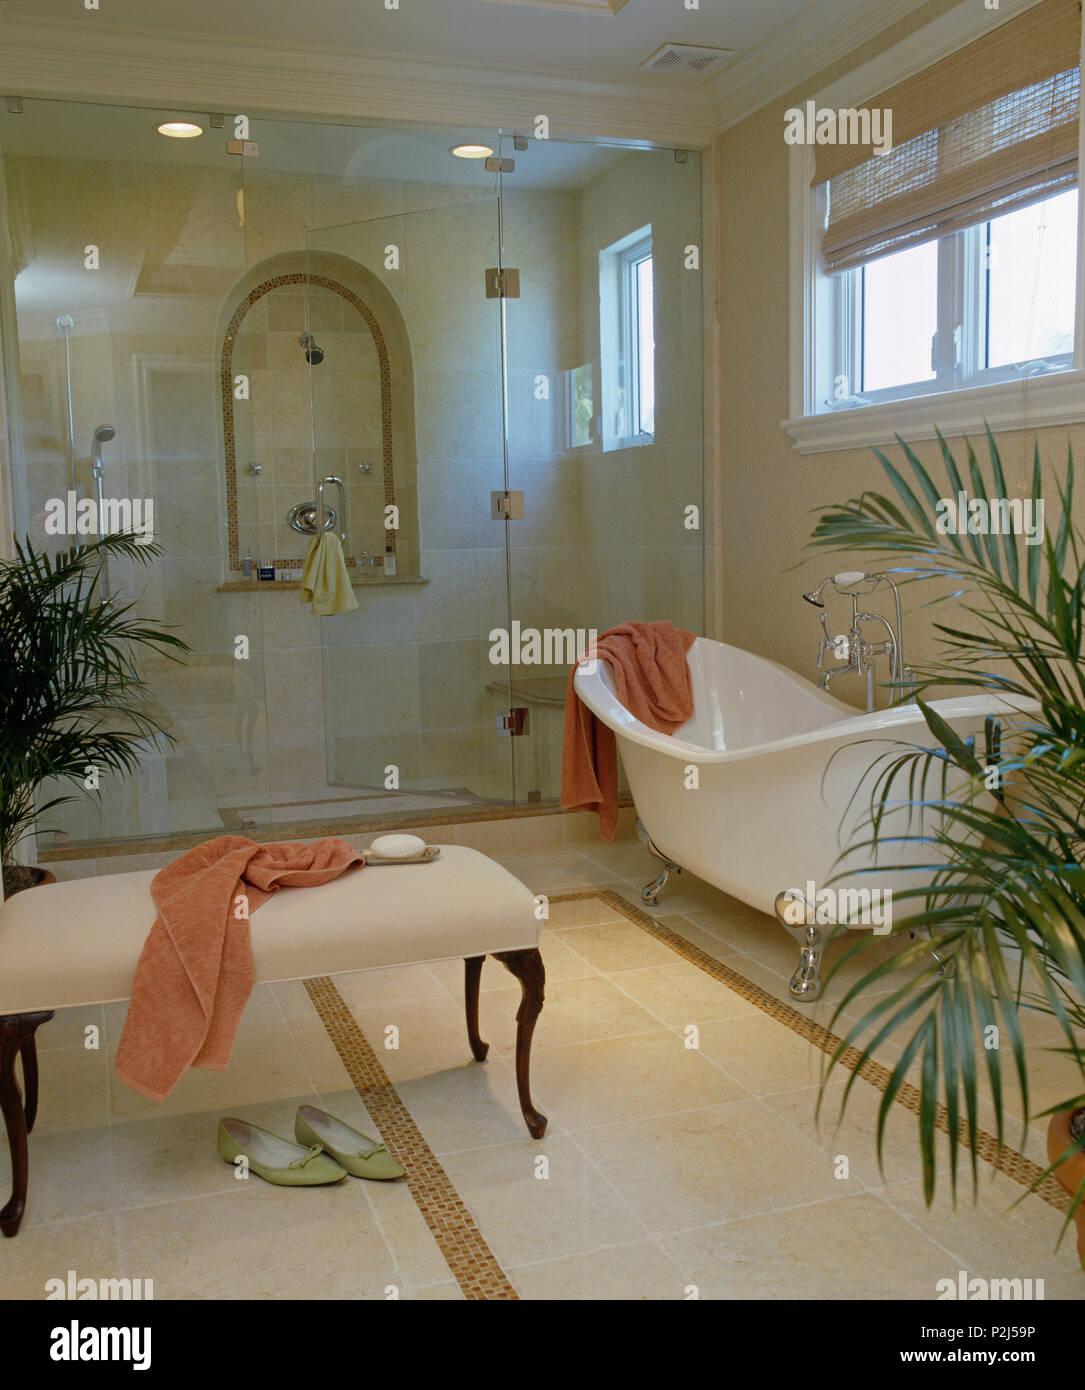 Cremefarbenen Gepolsterten Hocker Und Freistehende Badewanne Im Modernen Bad  Mit Glastüren Auf Eine Große, Ebenerdige Dusche